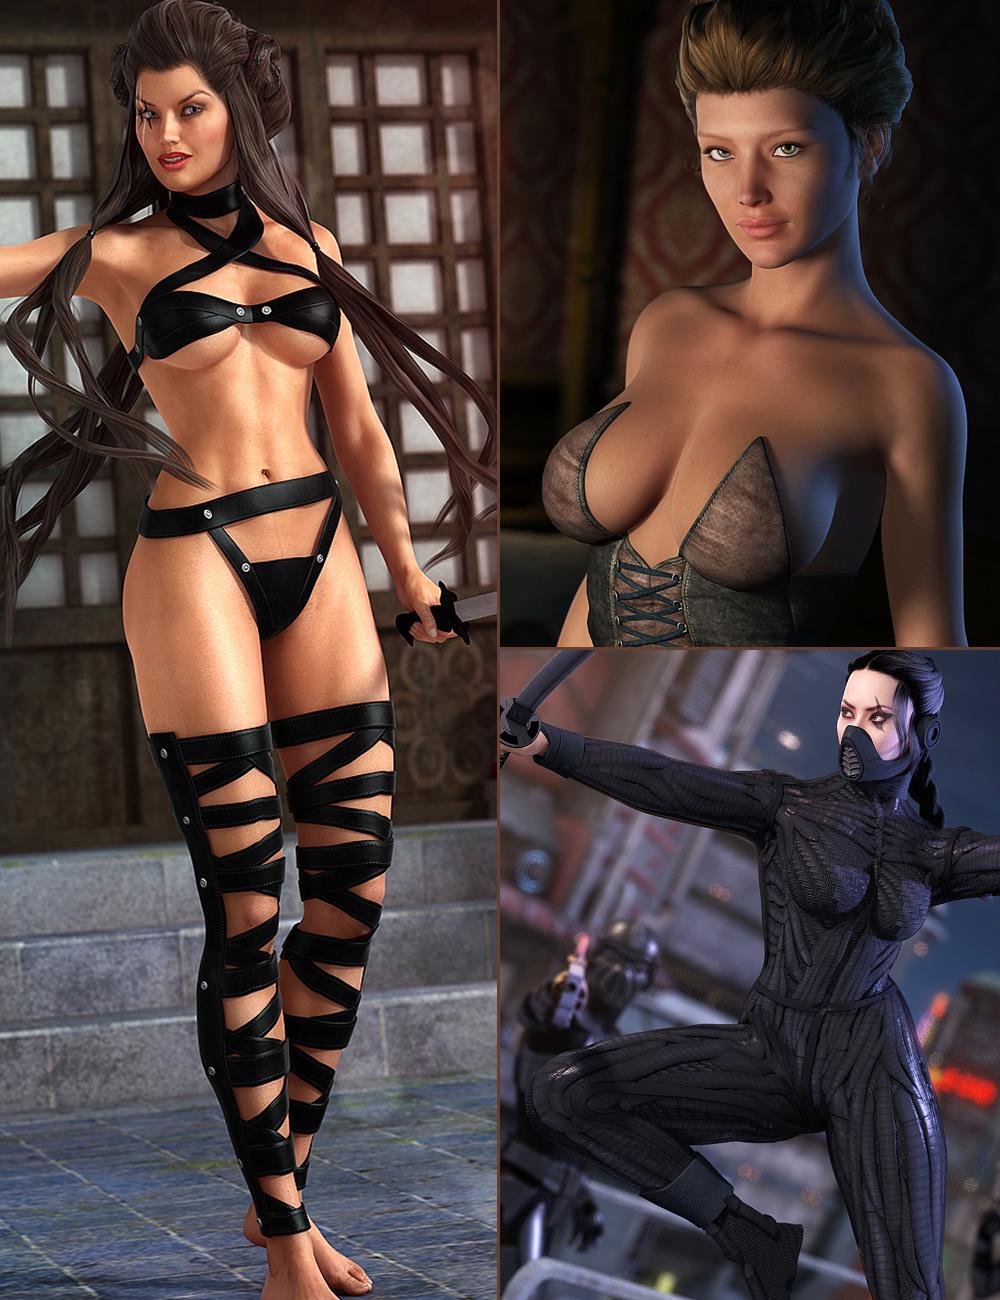 Femme Fatale Bundle by: , 3D Models by Daz 3D